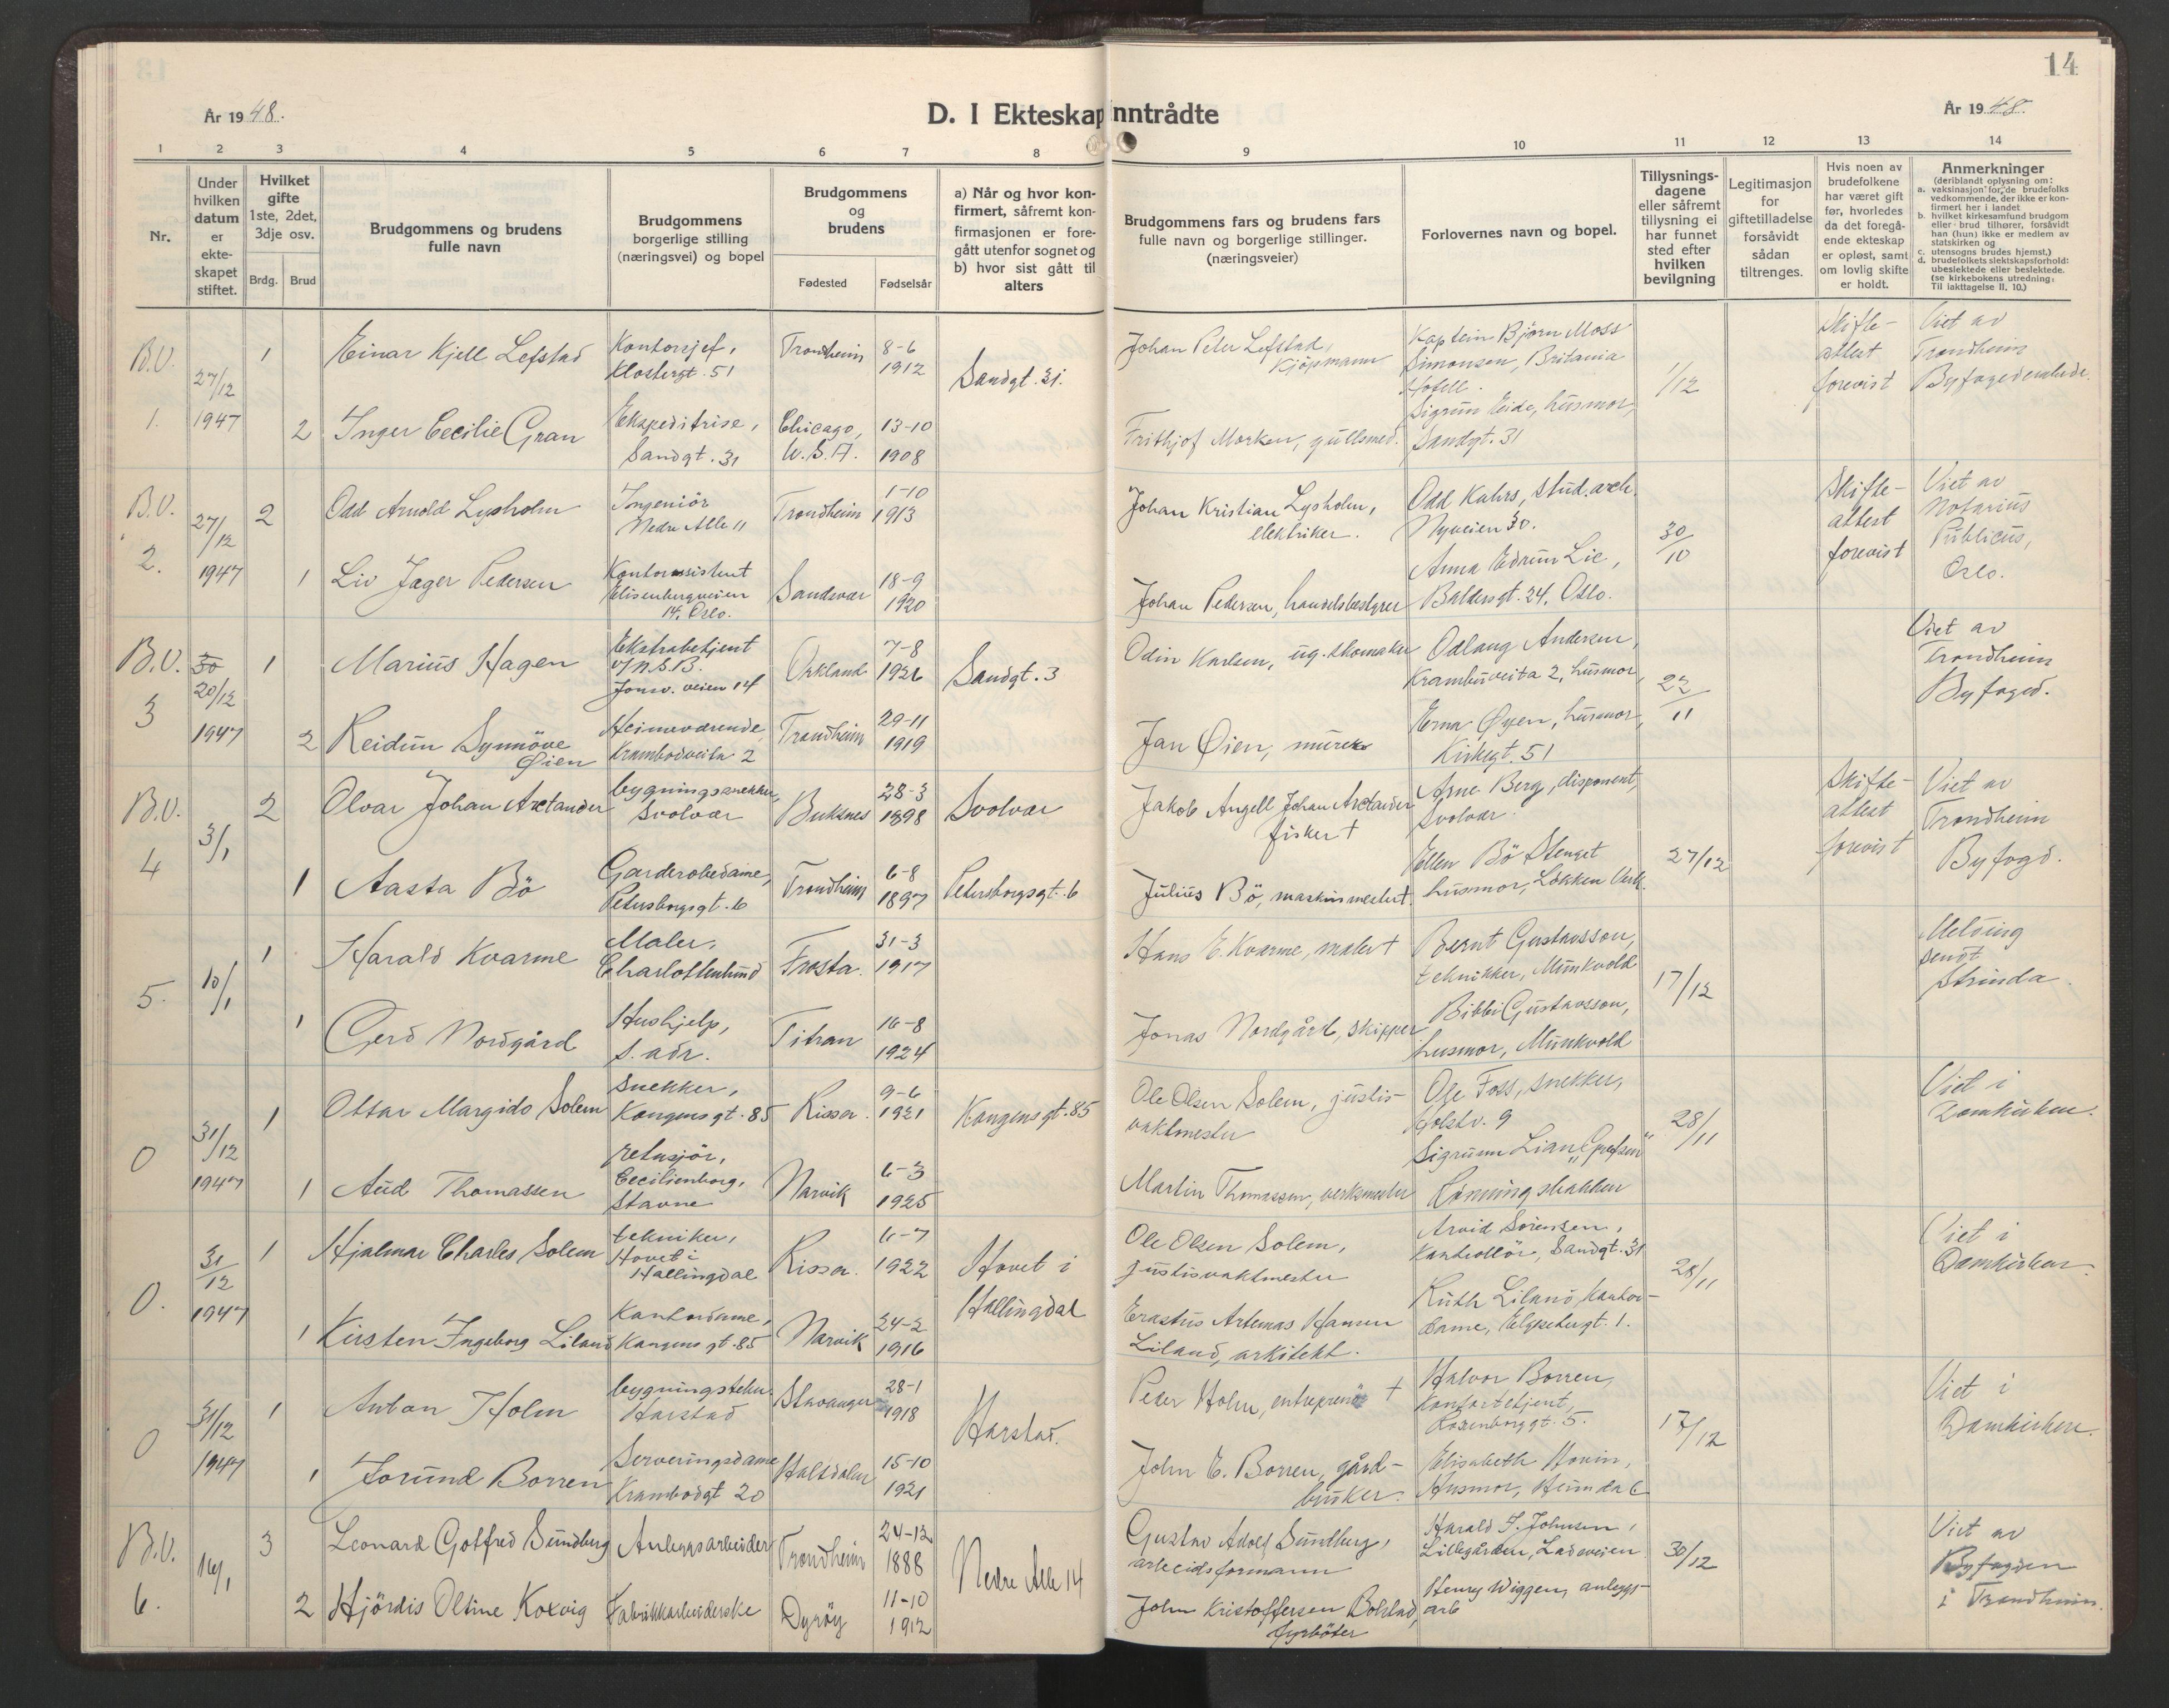 SAT, Ministerialprotokoller, klokkerbøker og fødselsregistre - Sør-Trøndelag, 602/L0155: Klokkerbok nr. 602C23, 1947-1950, s. 14